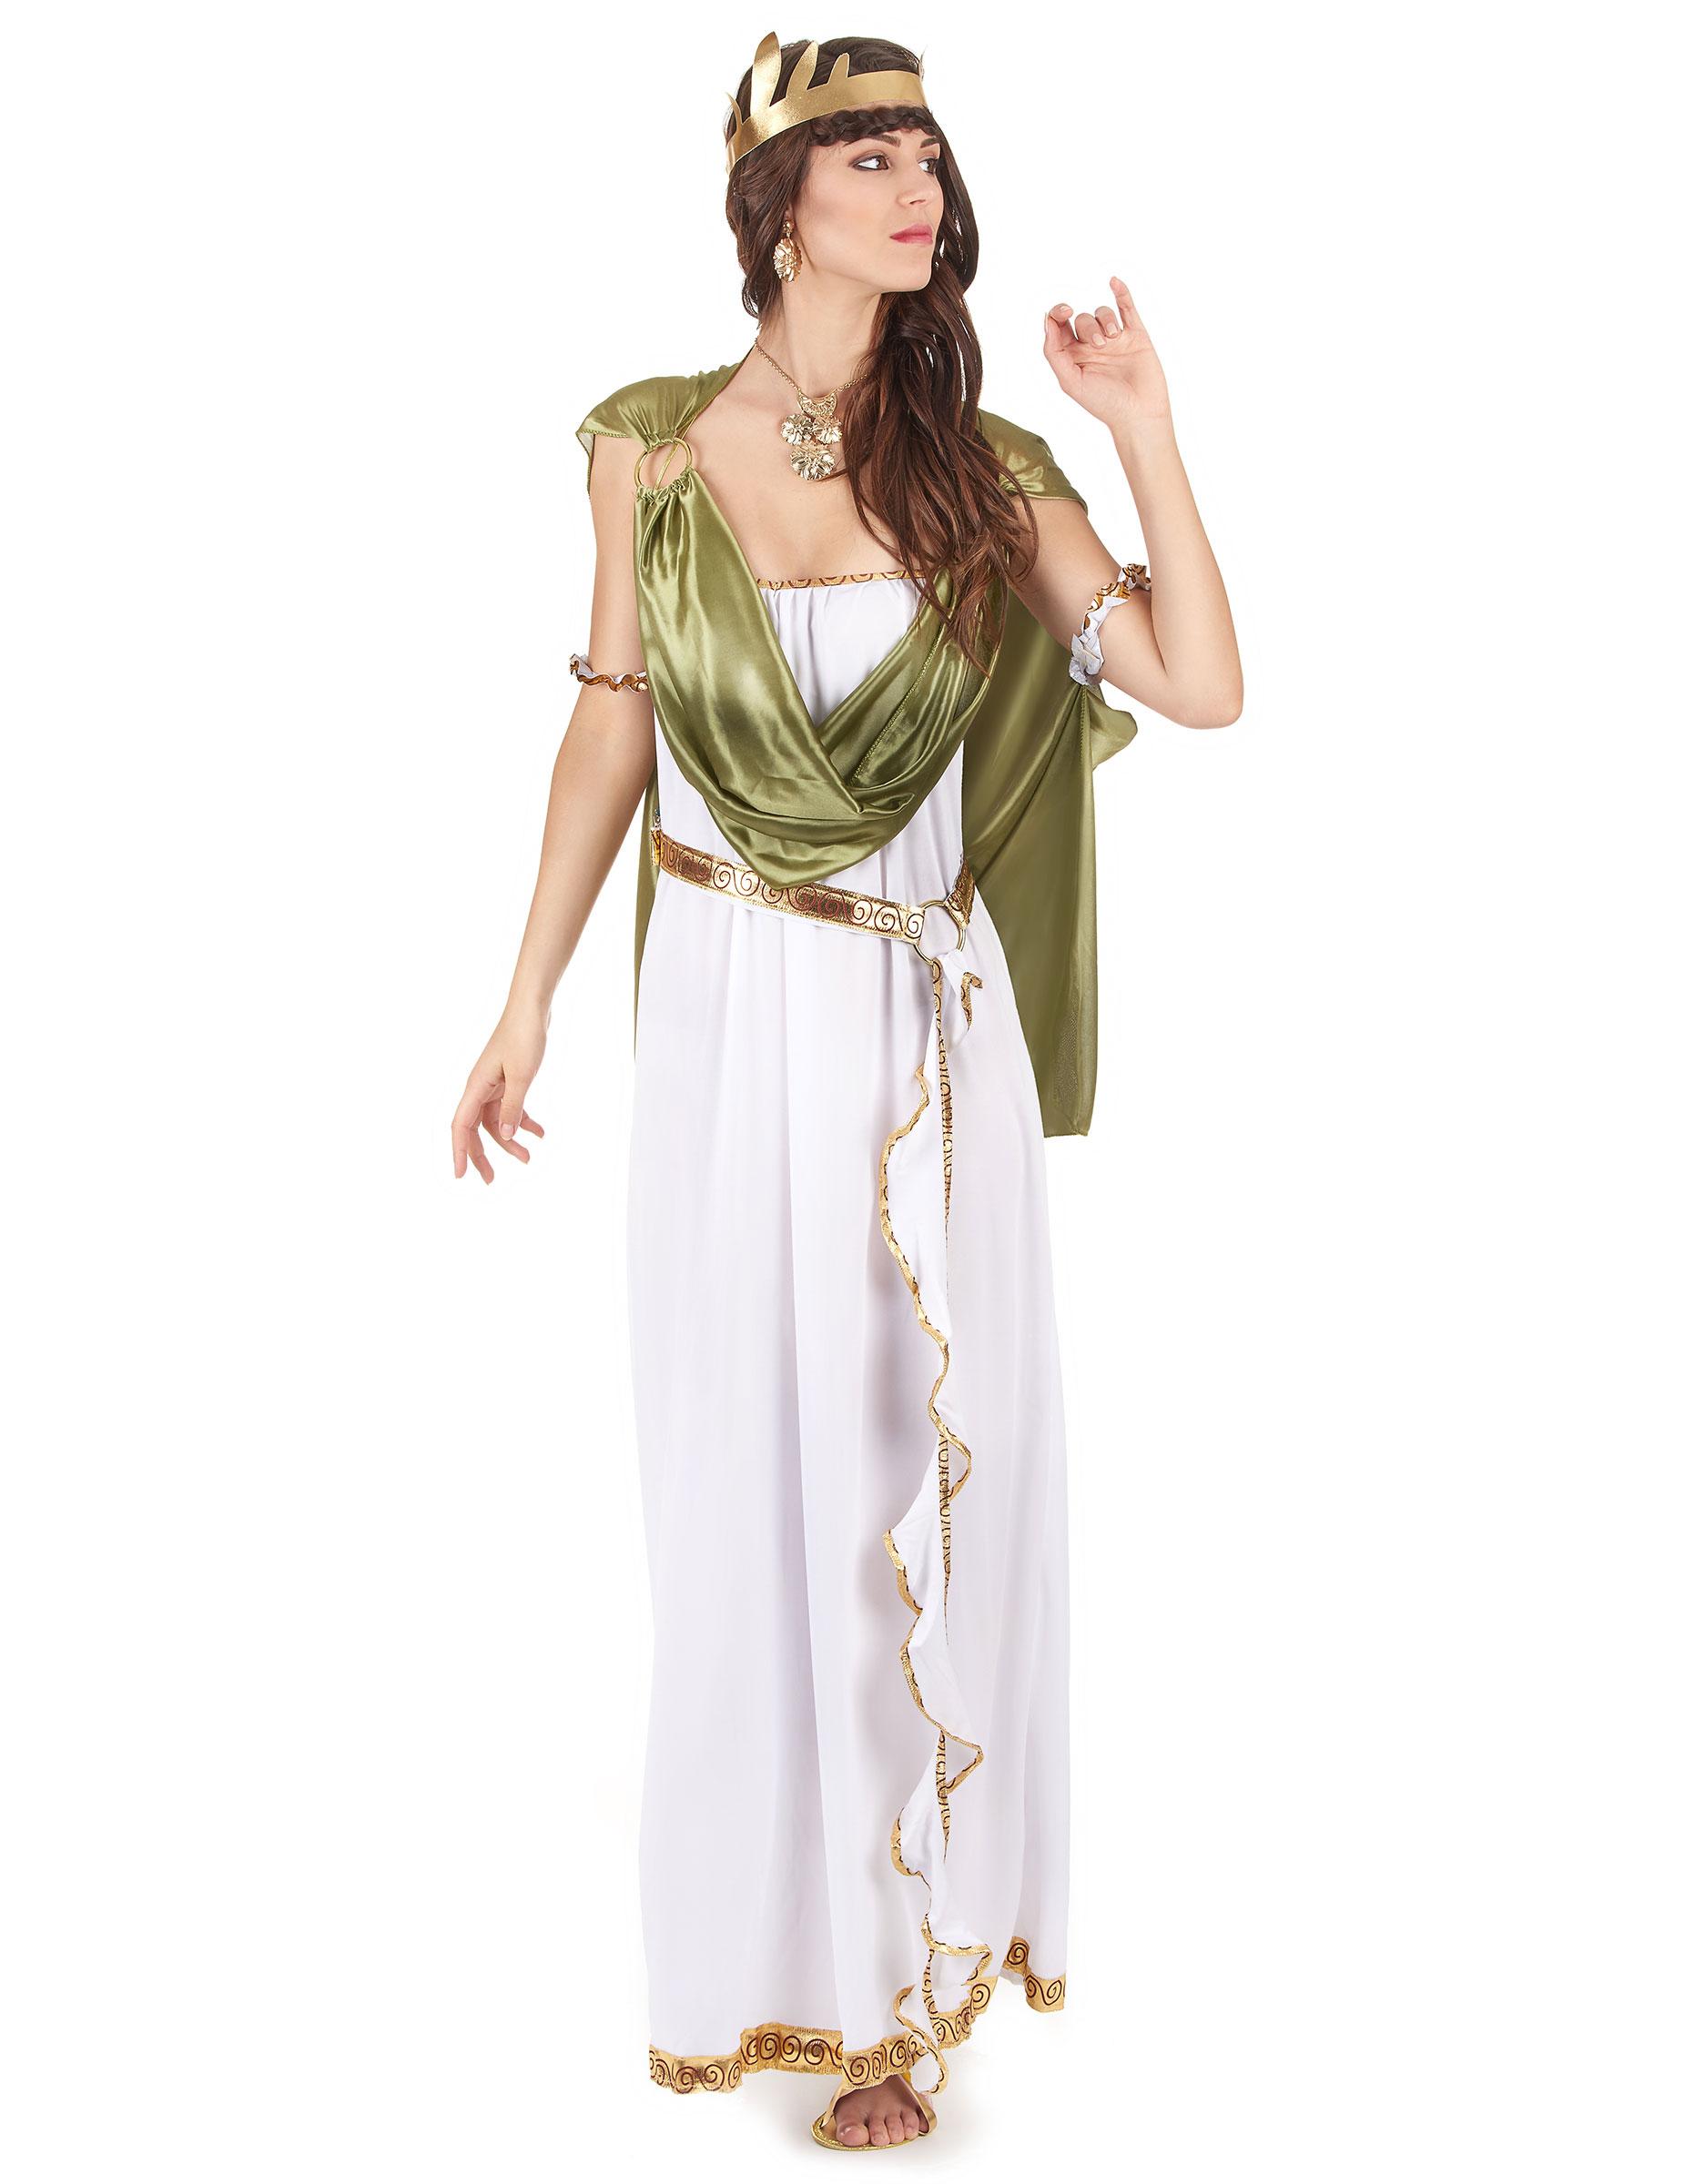 d3ca12b166c2 Græsk gudinde-kostume voksen